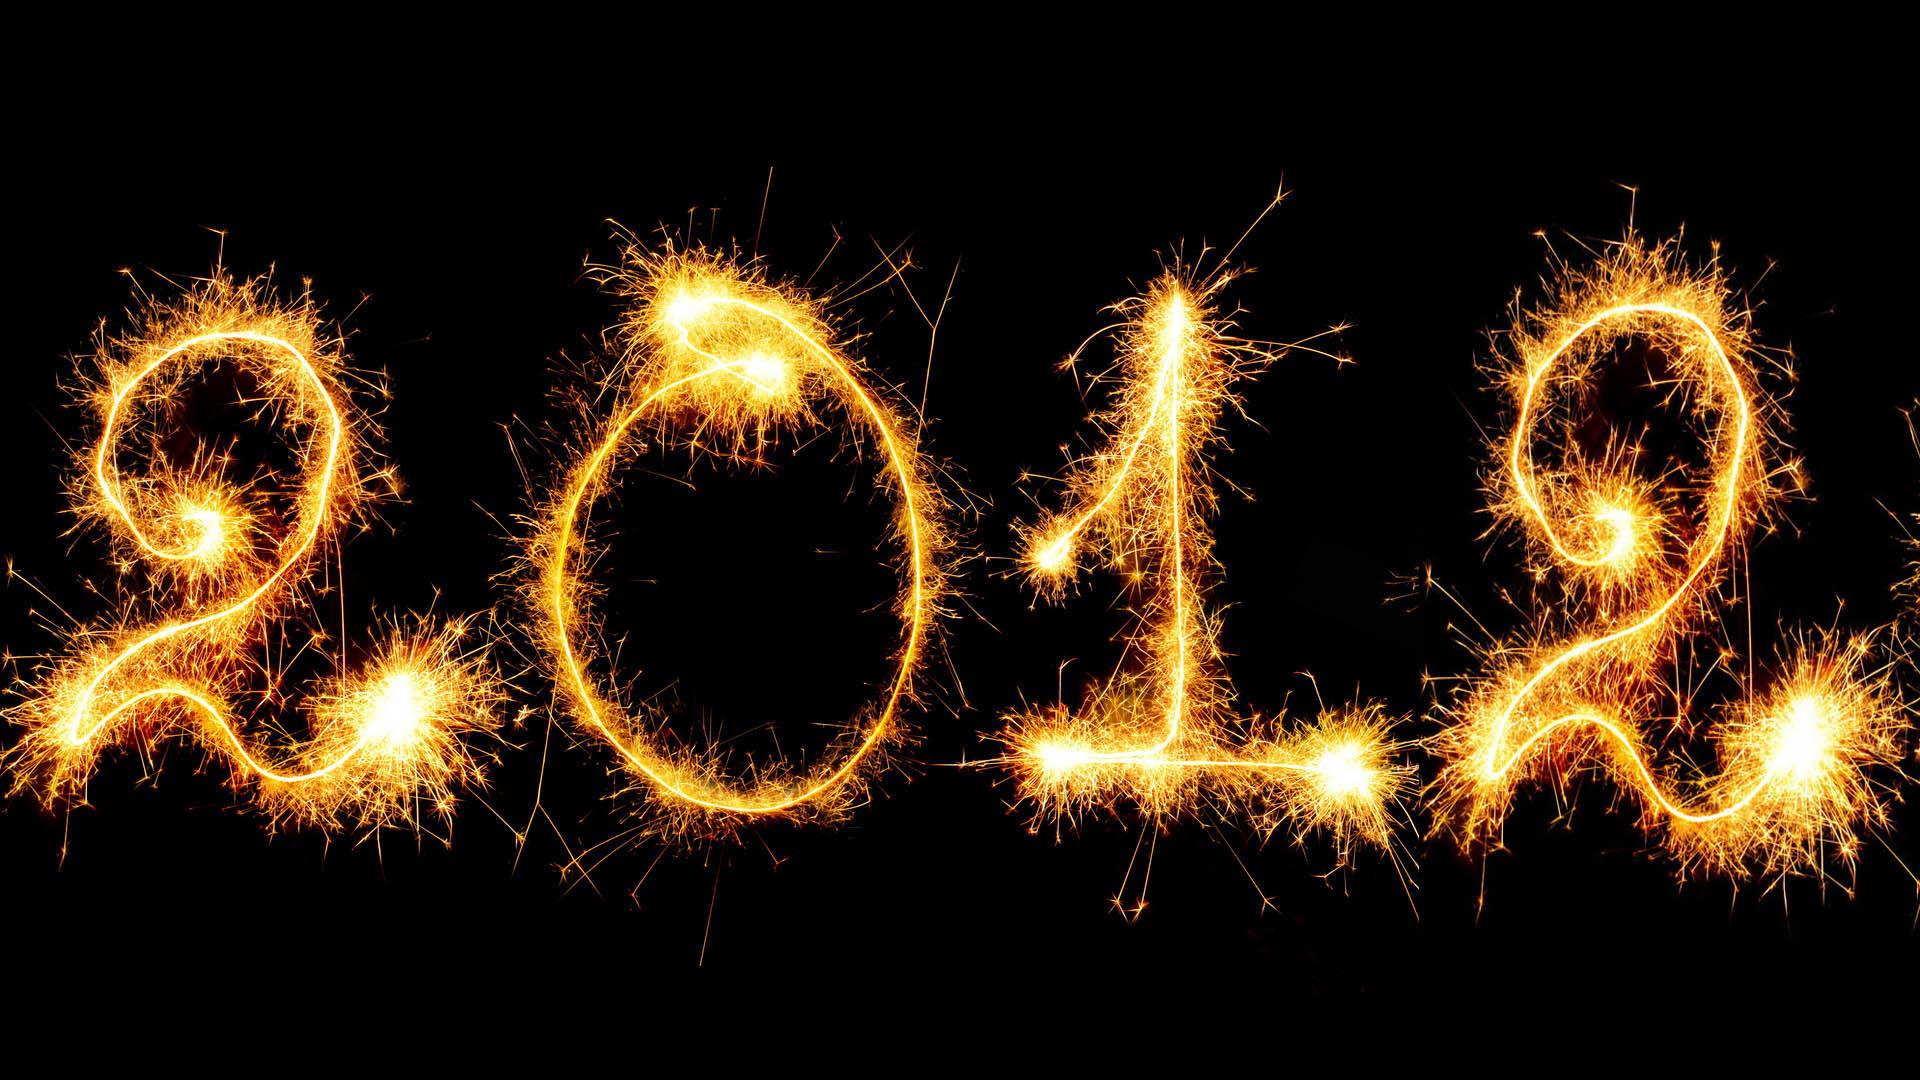 Фейерверк 2012 новогодний фейерверк 2012